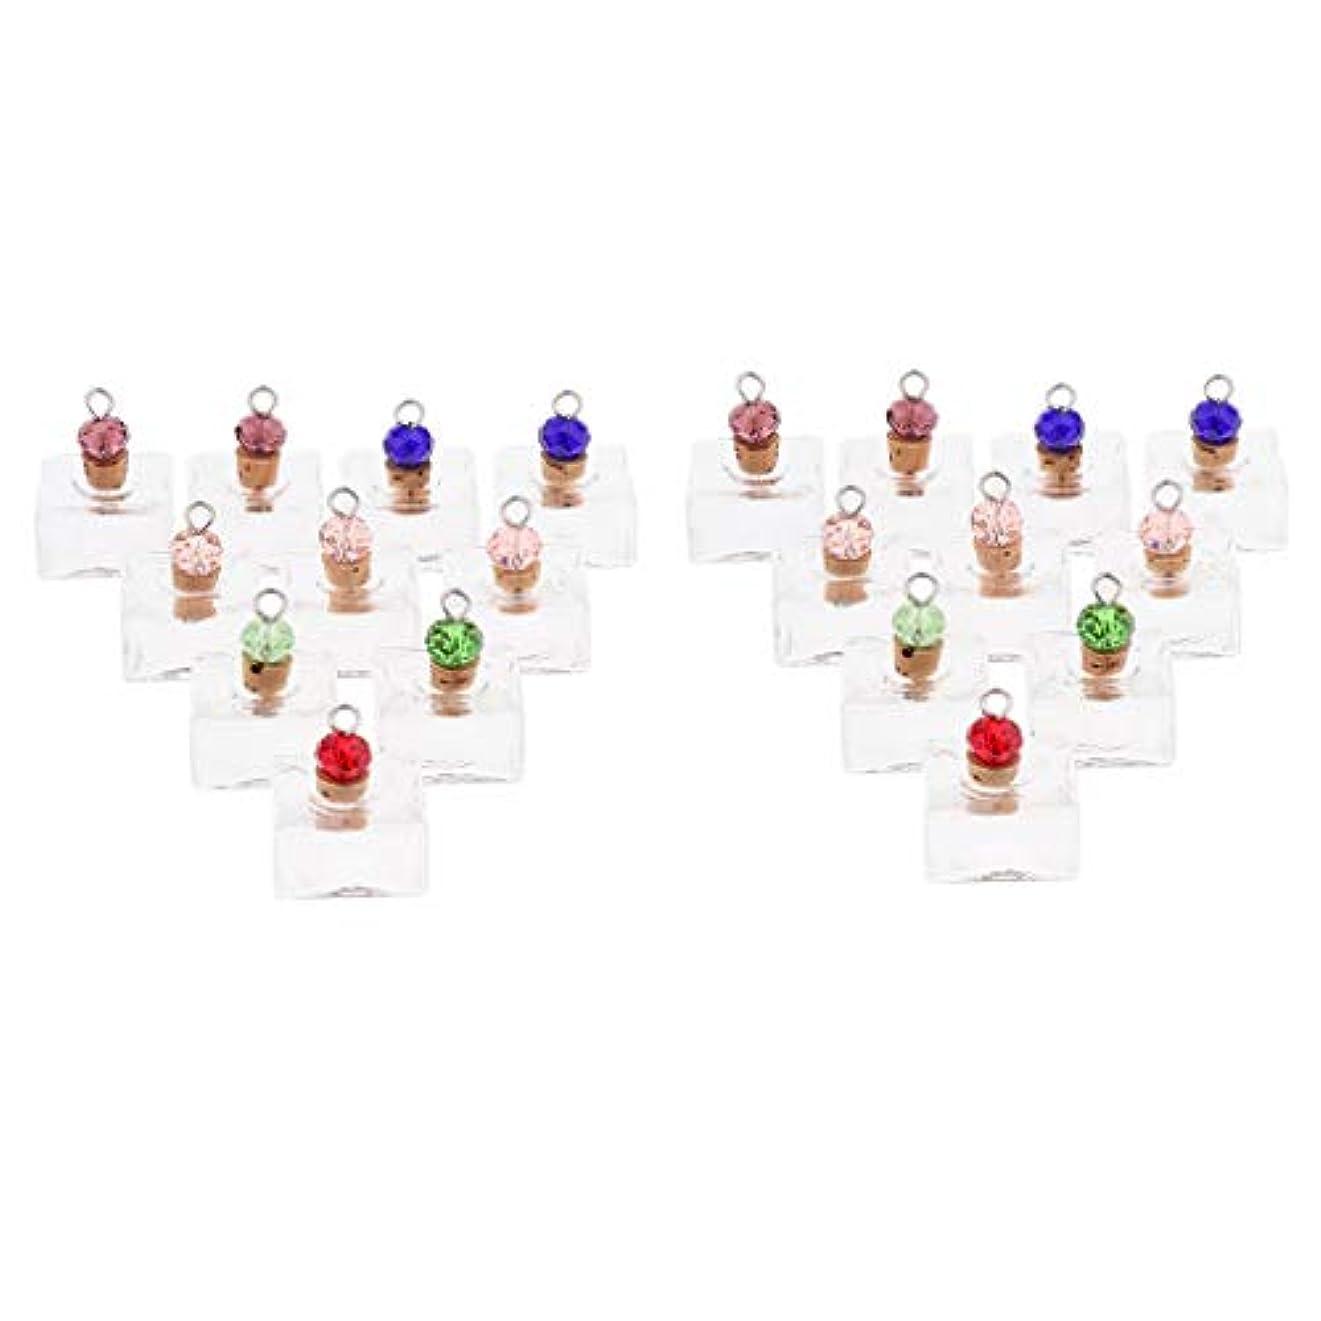 悪のリズム逆P Prettyia 香水 ペンダント ネックレス アロマ ガラス容器 香水瓶 ボトル エッセンシャルオイル